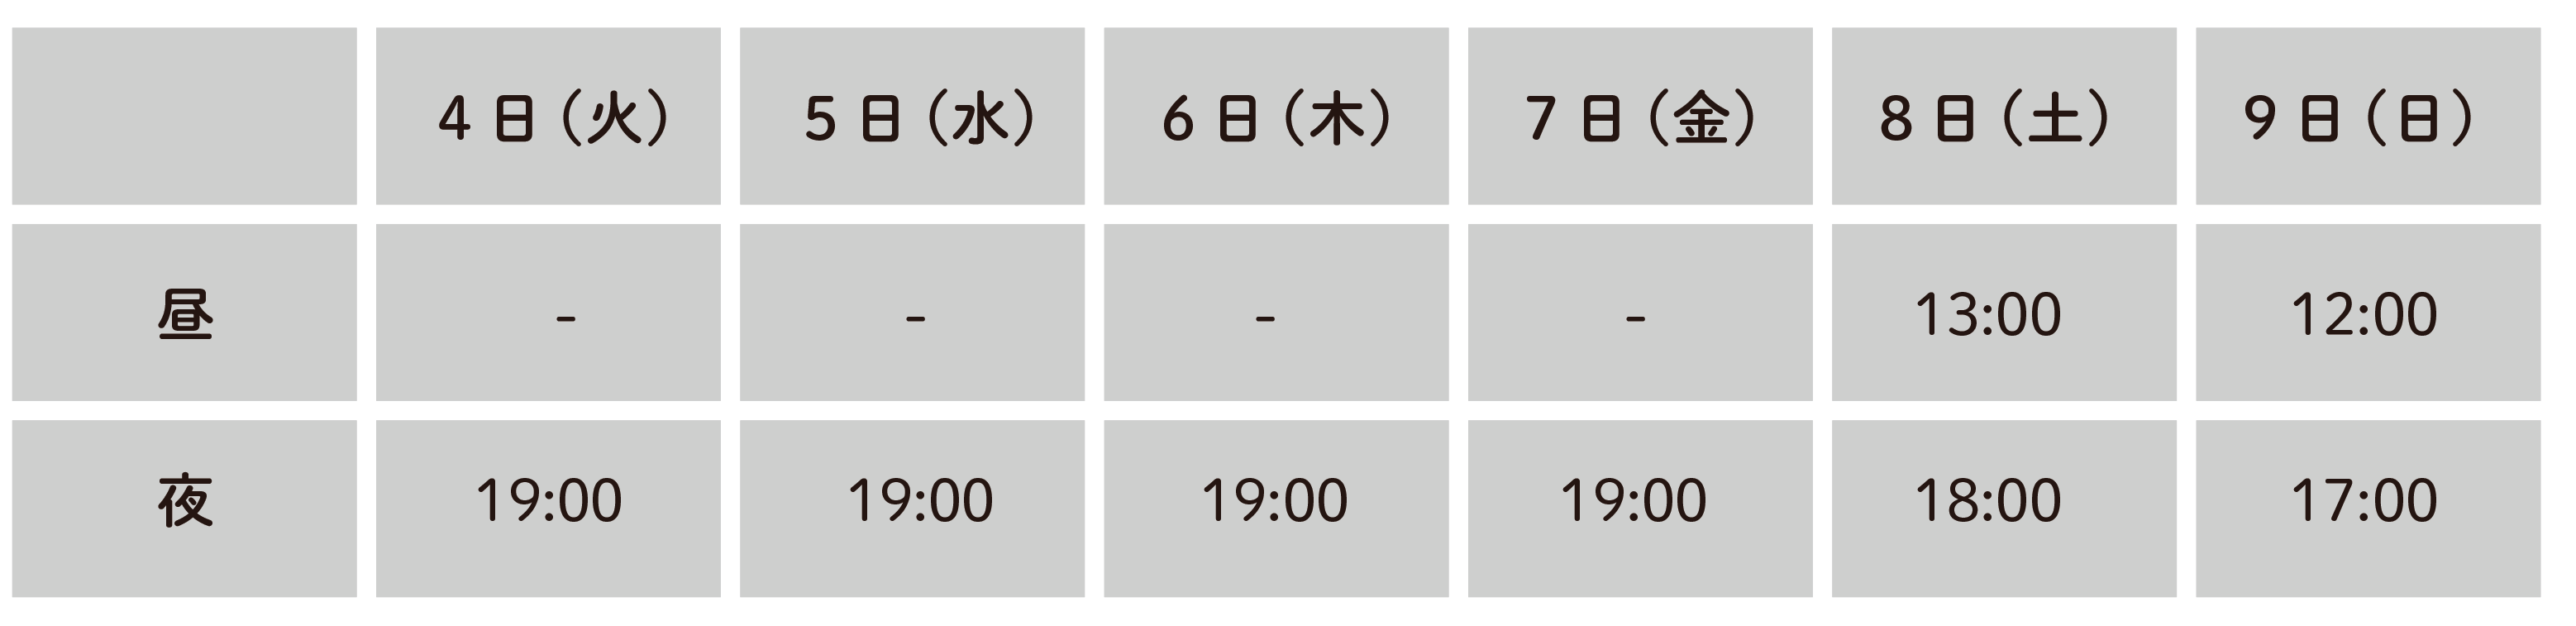 演劇チラシの日程デザイン 表タイプ